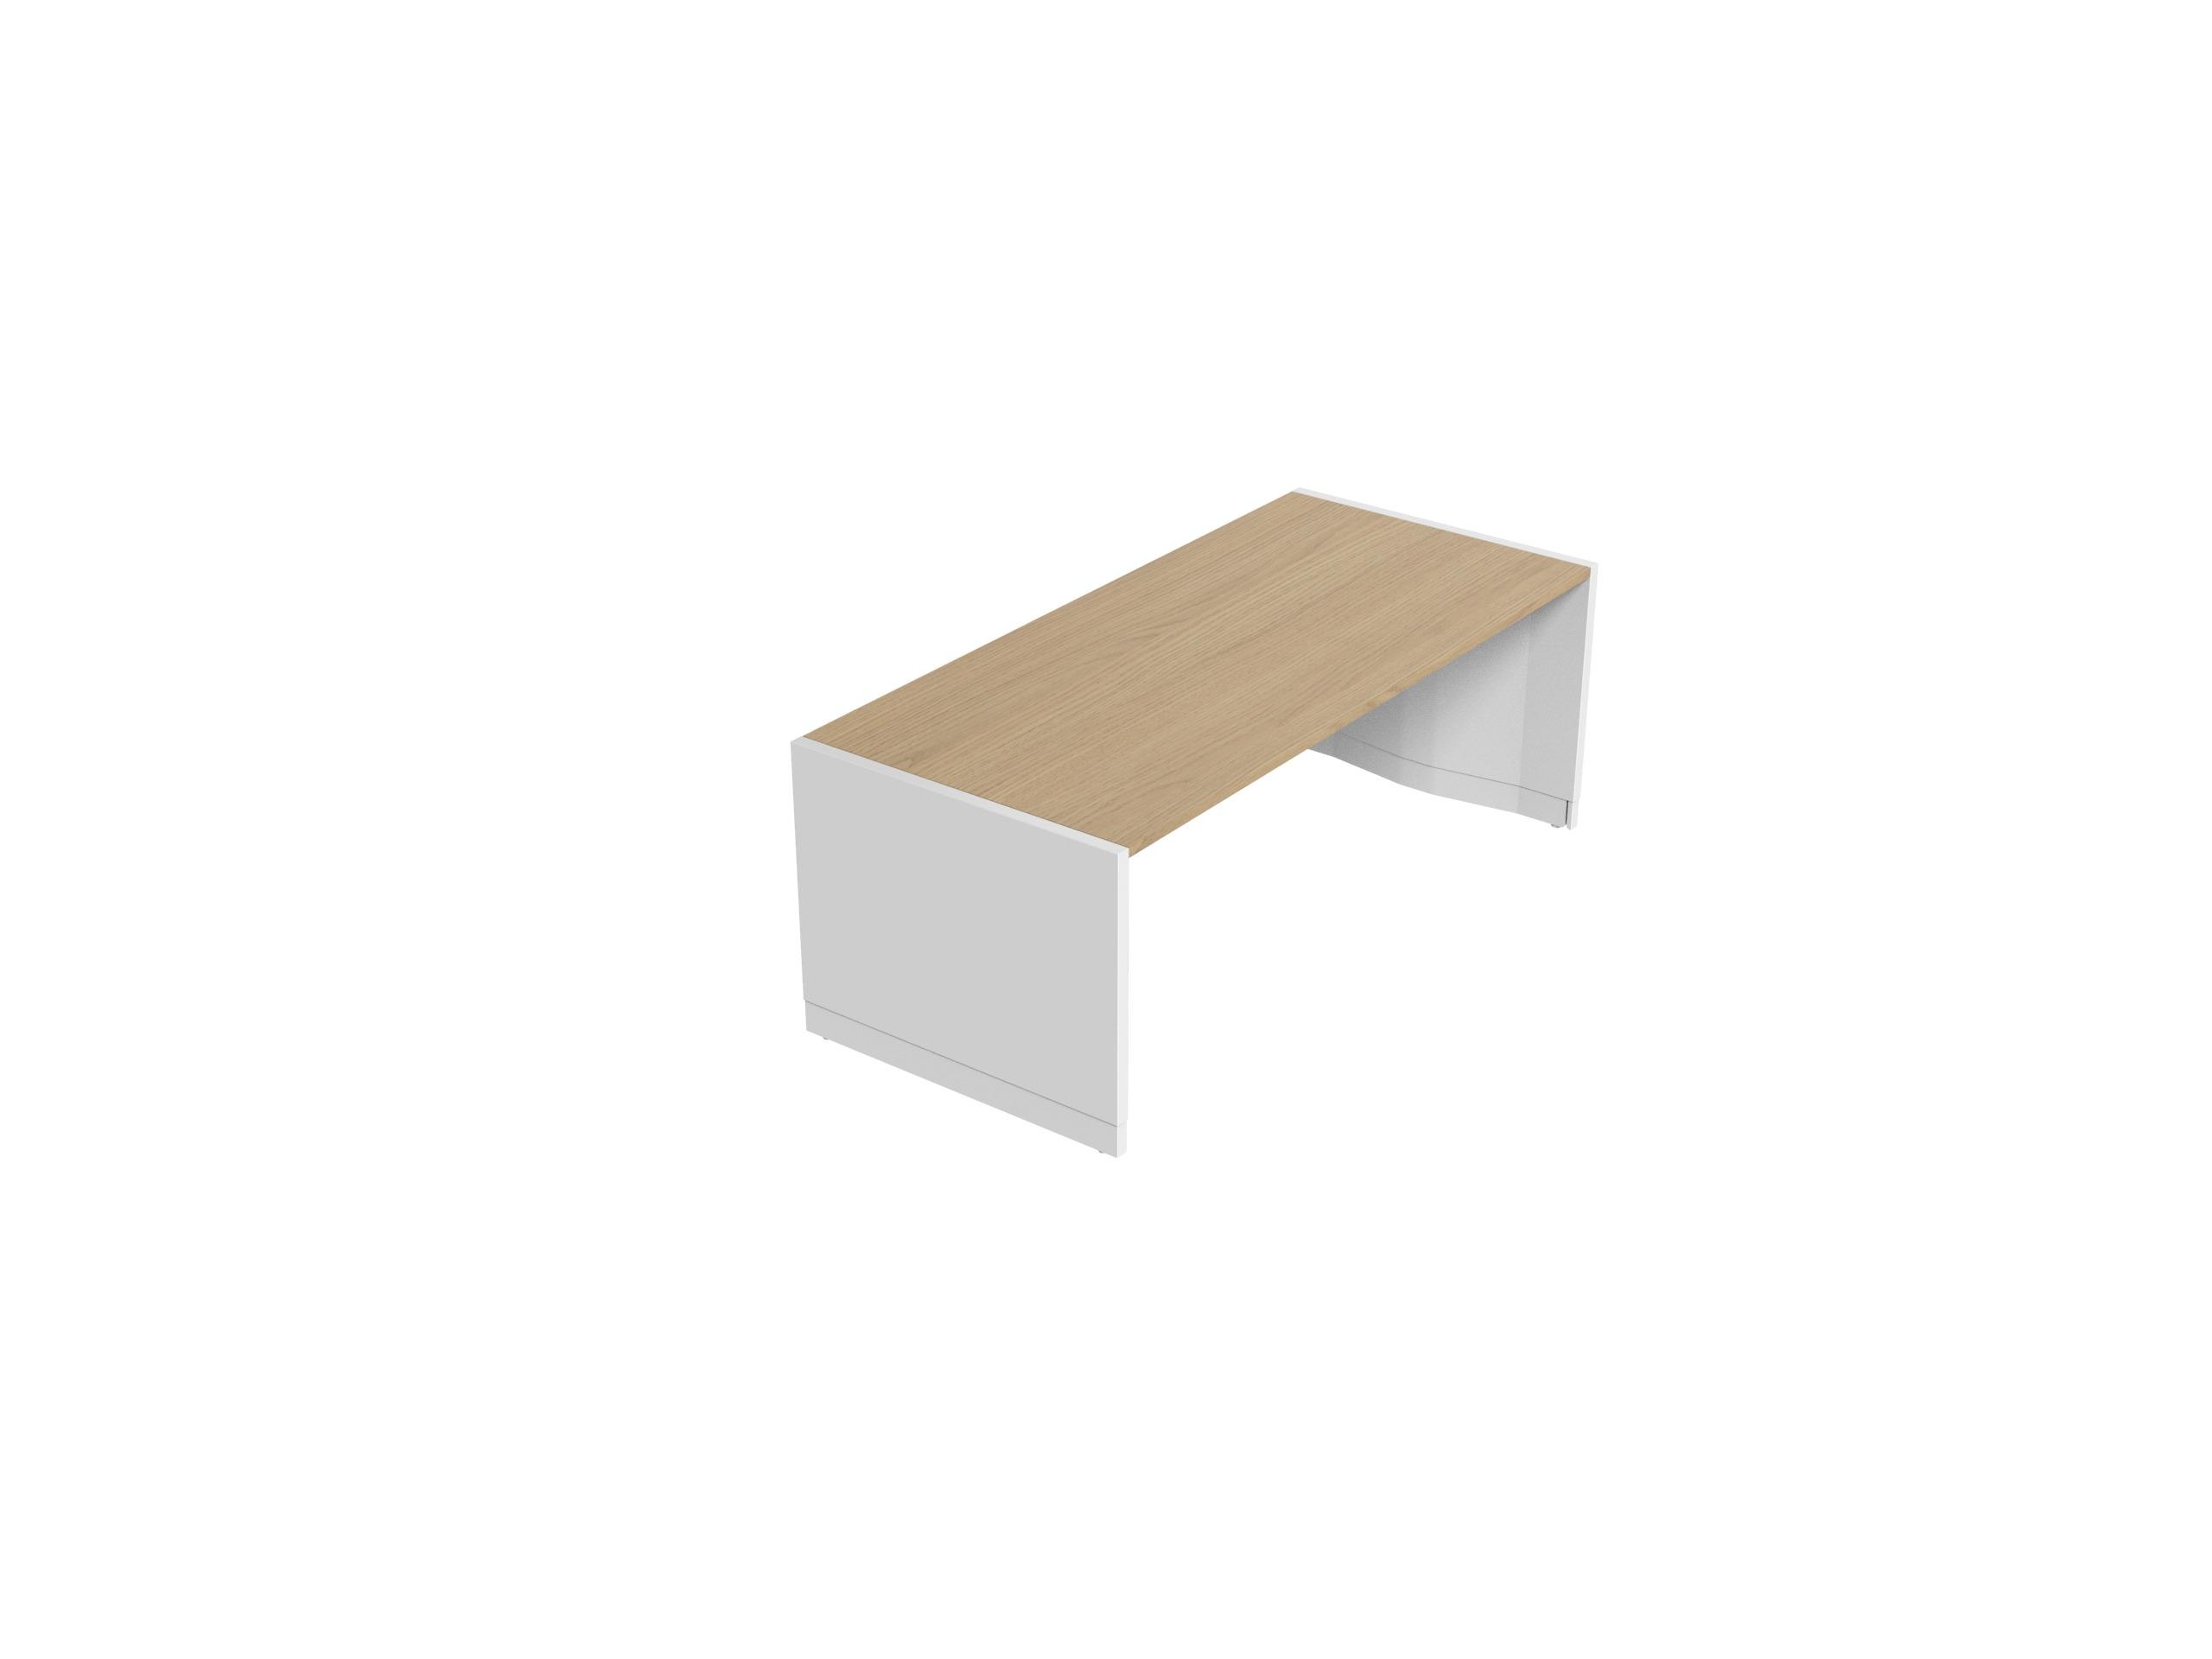 Mooze desk